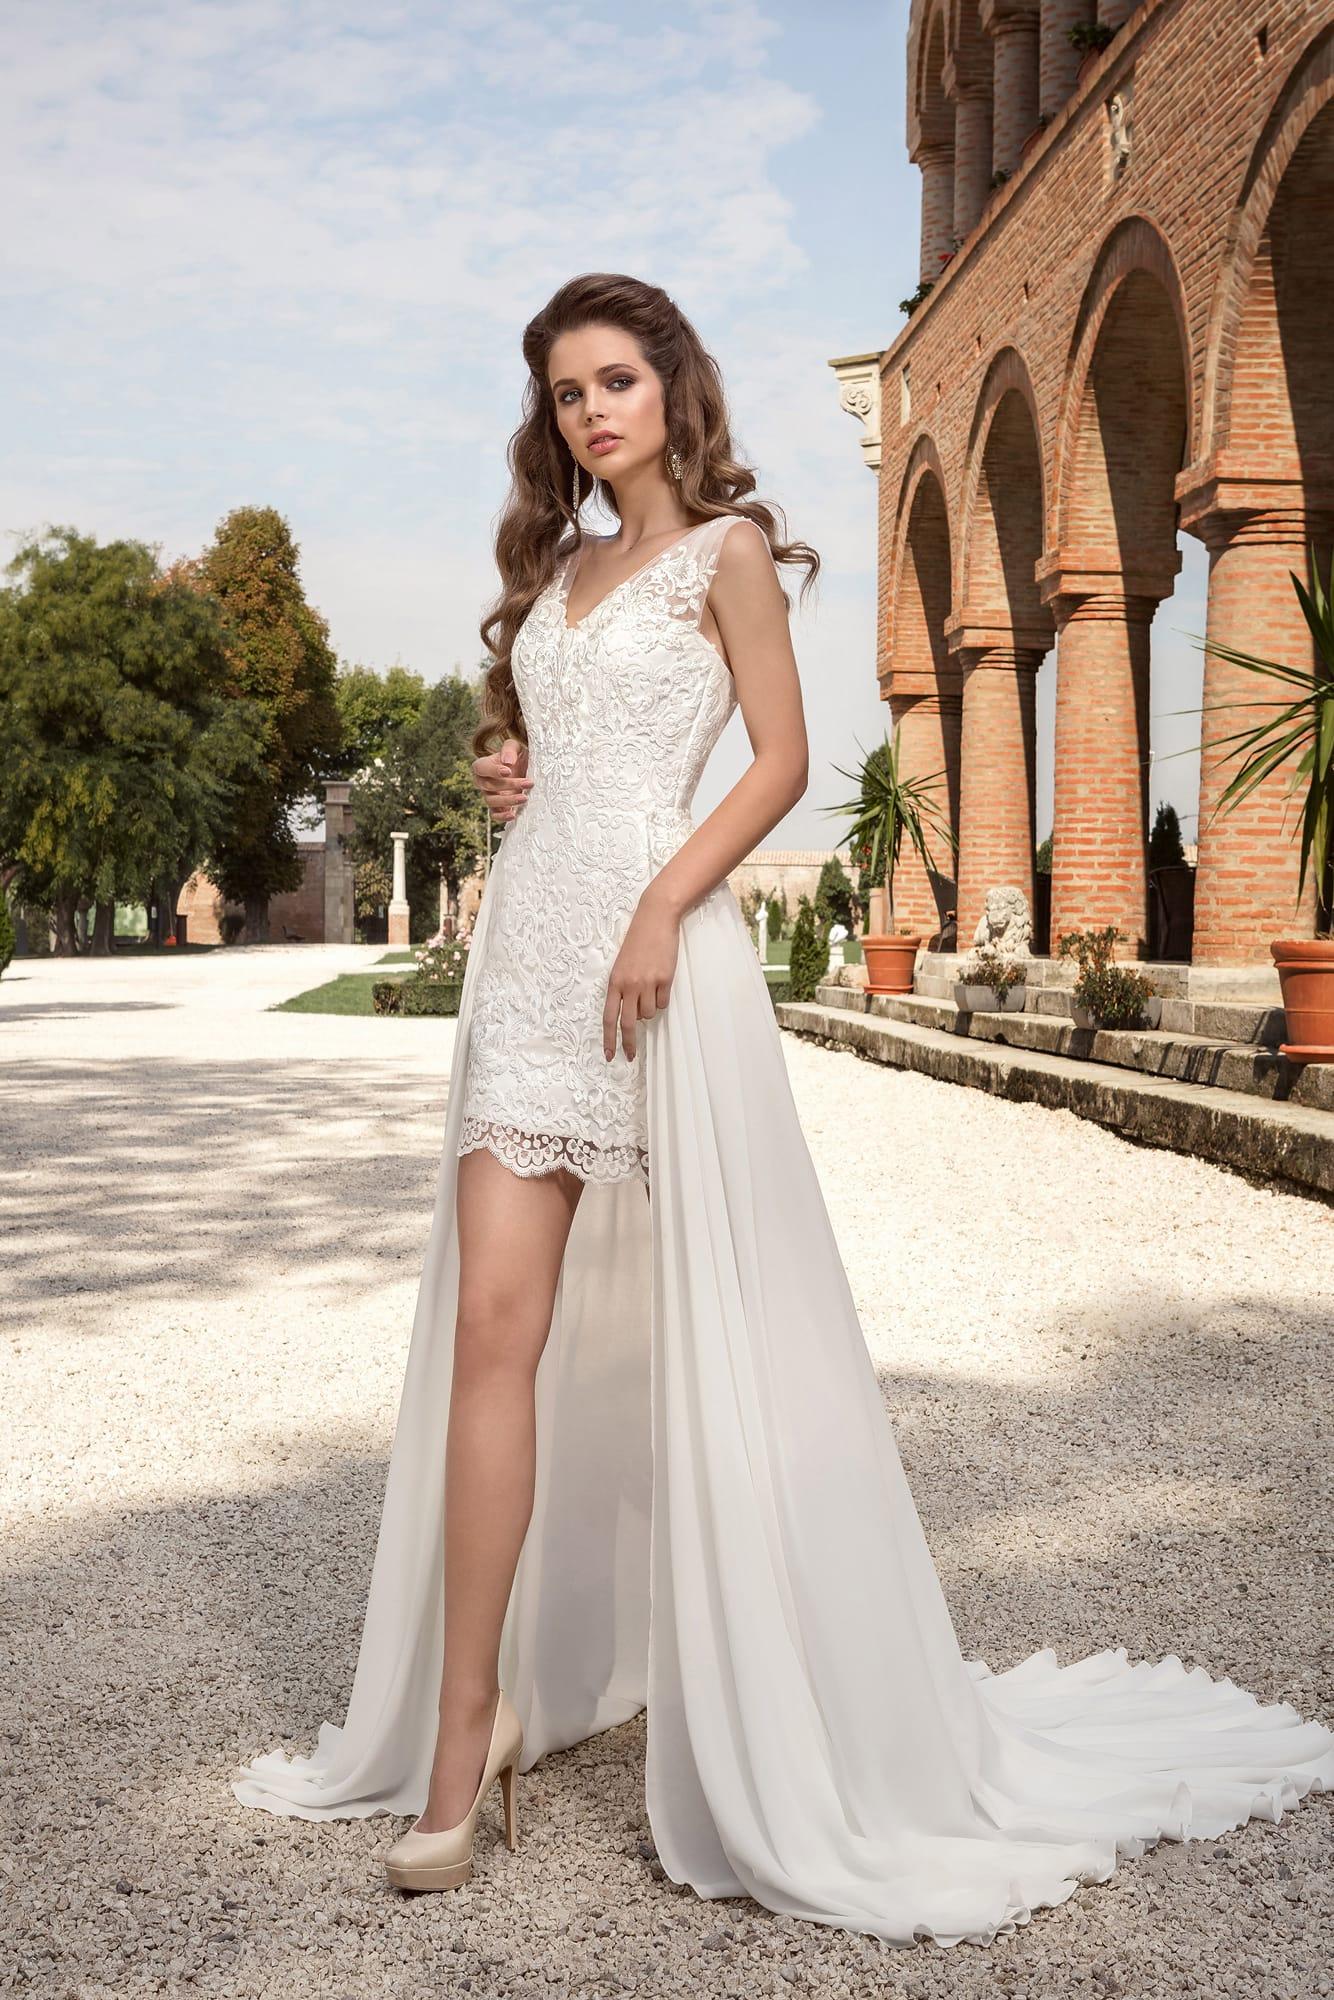 f357048a3db Короткое свадебное платье с V-образным вырезом декольте и длинной верхней  юбкой.